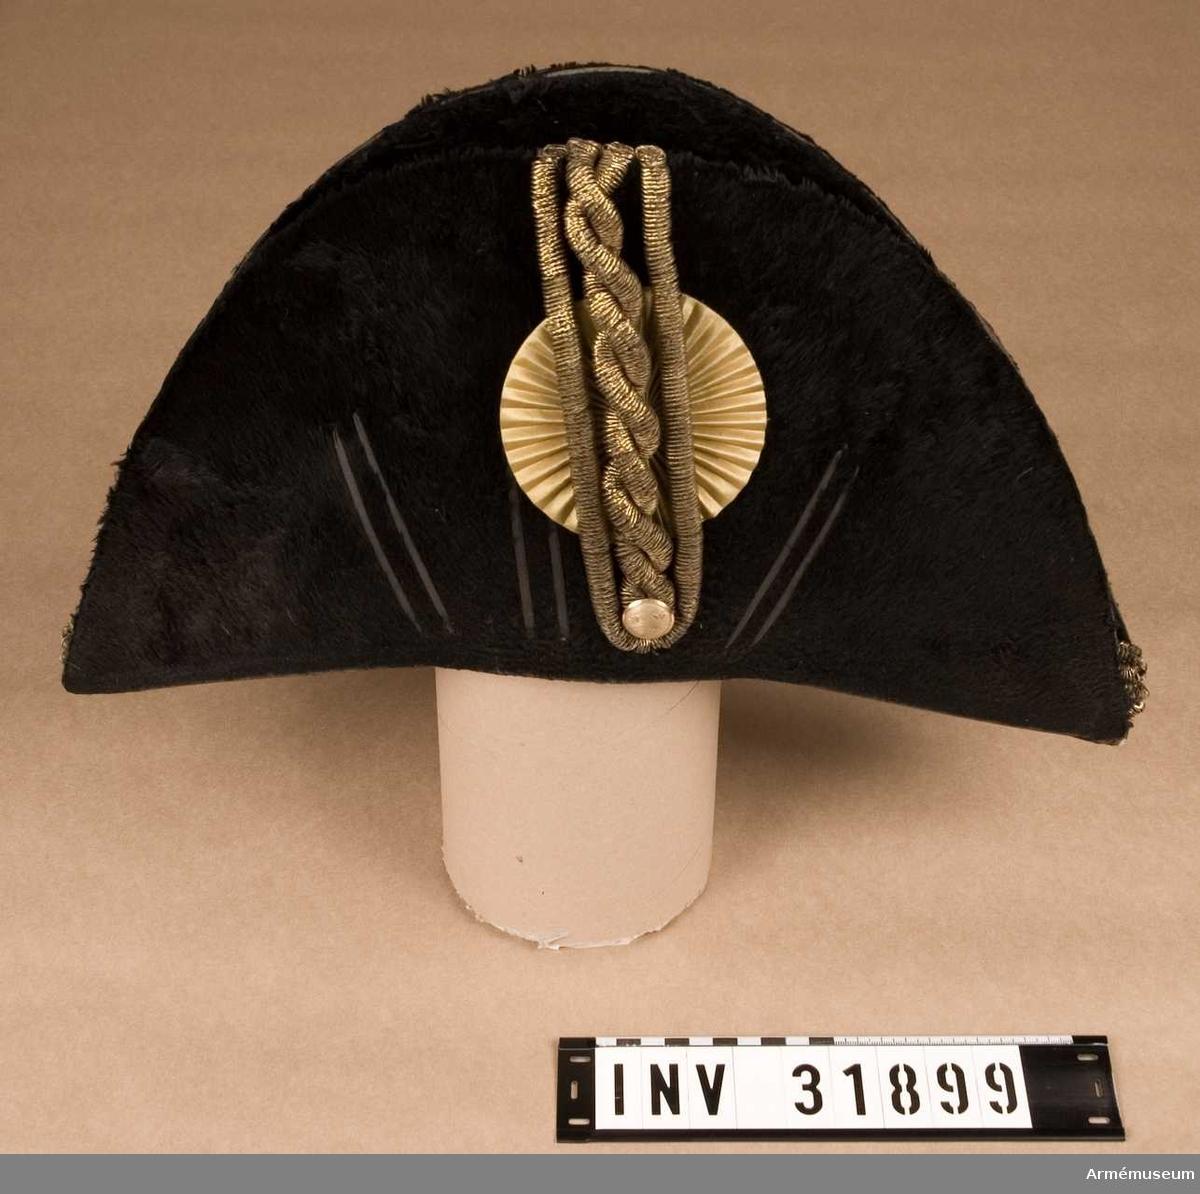 Grupp C. Trekantig hatt för officer vid Livregementets dragoner.